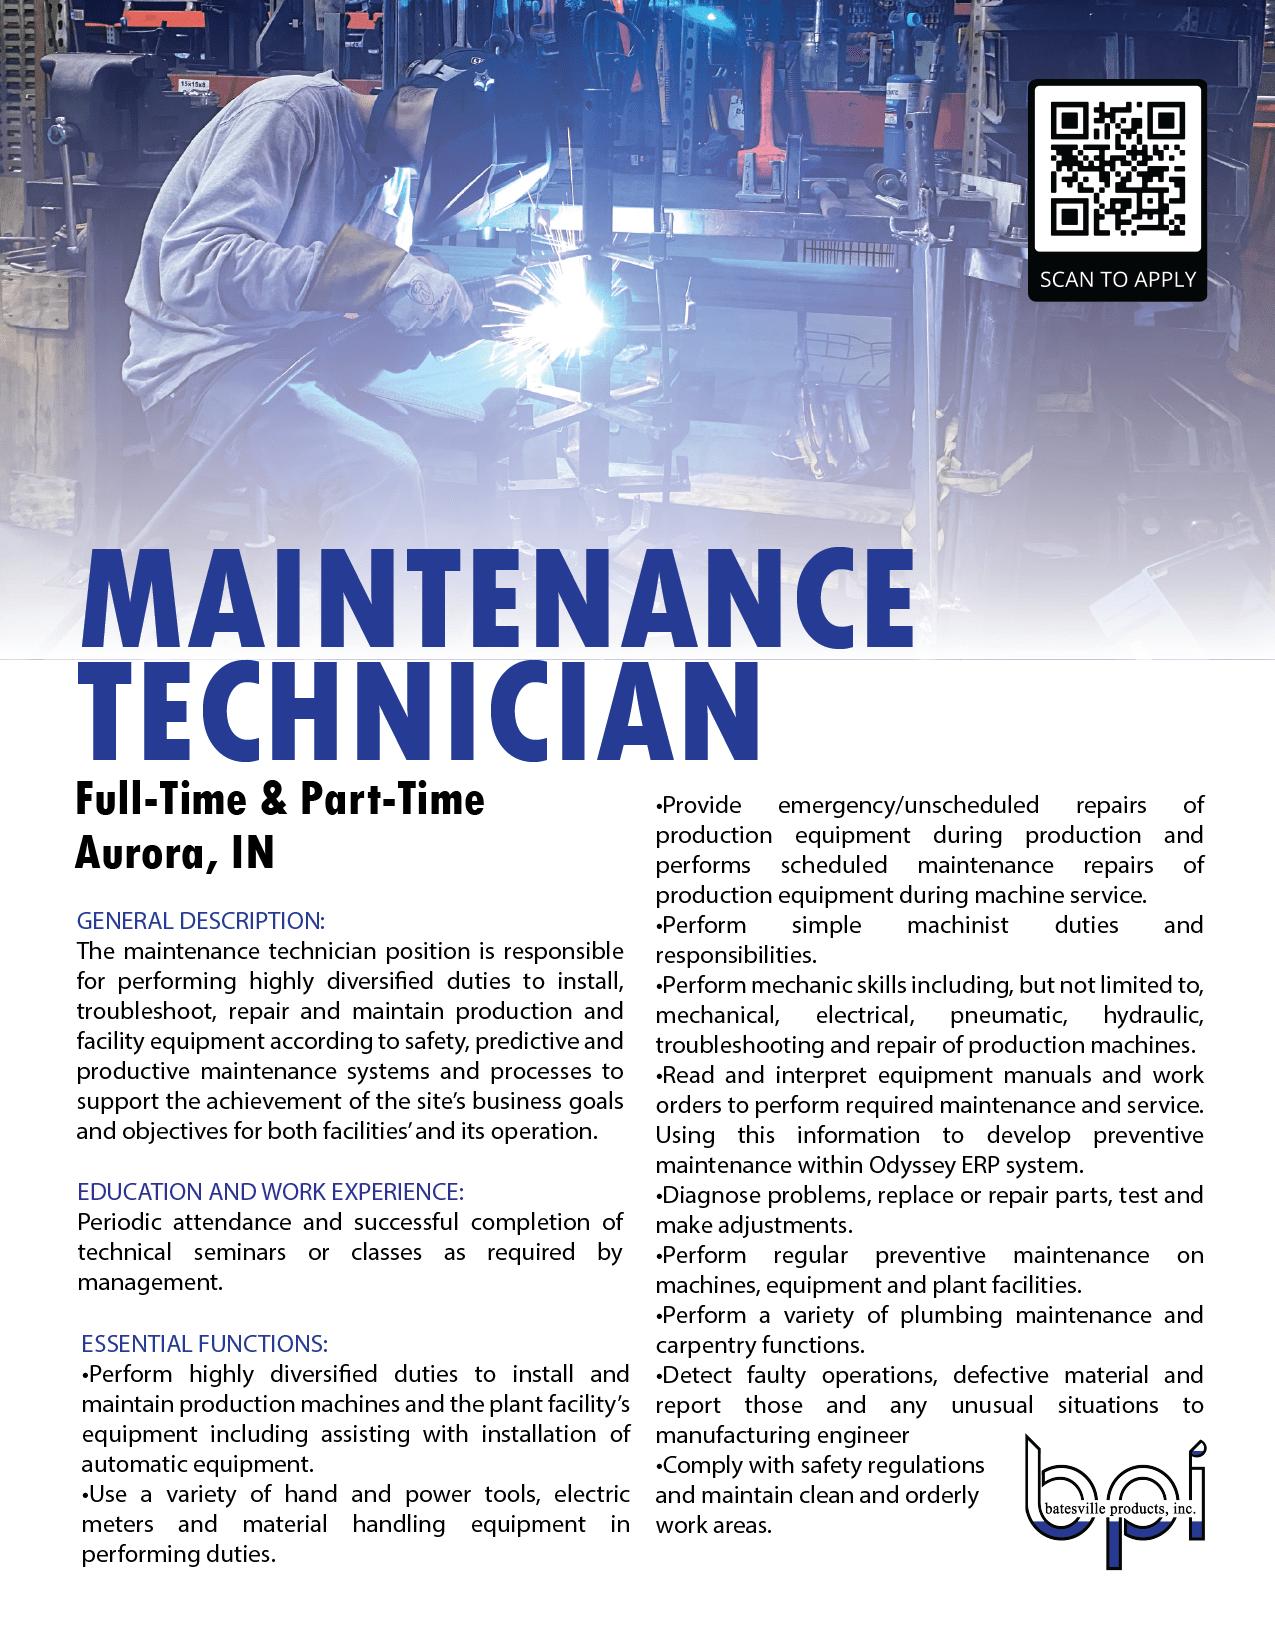 maintenance job description